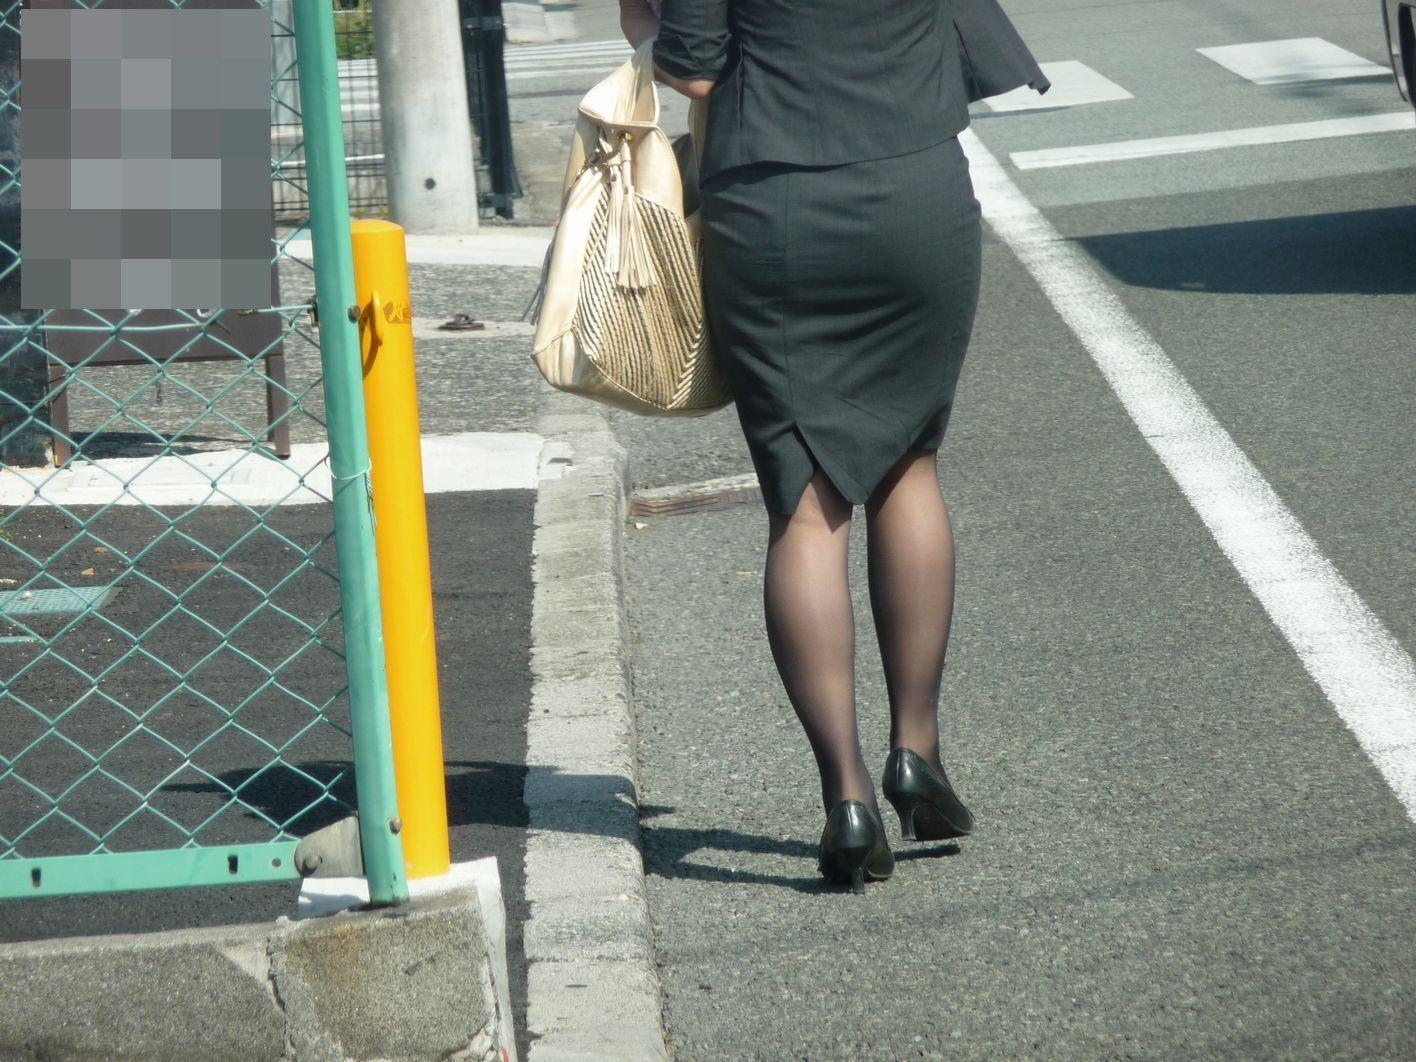 【OLエロ画像】尻肉具合バッチリ!OLの下半身はタイトを履きこなしてこそ超絶品www 16